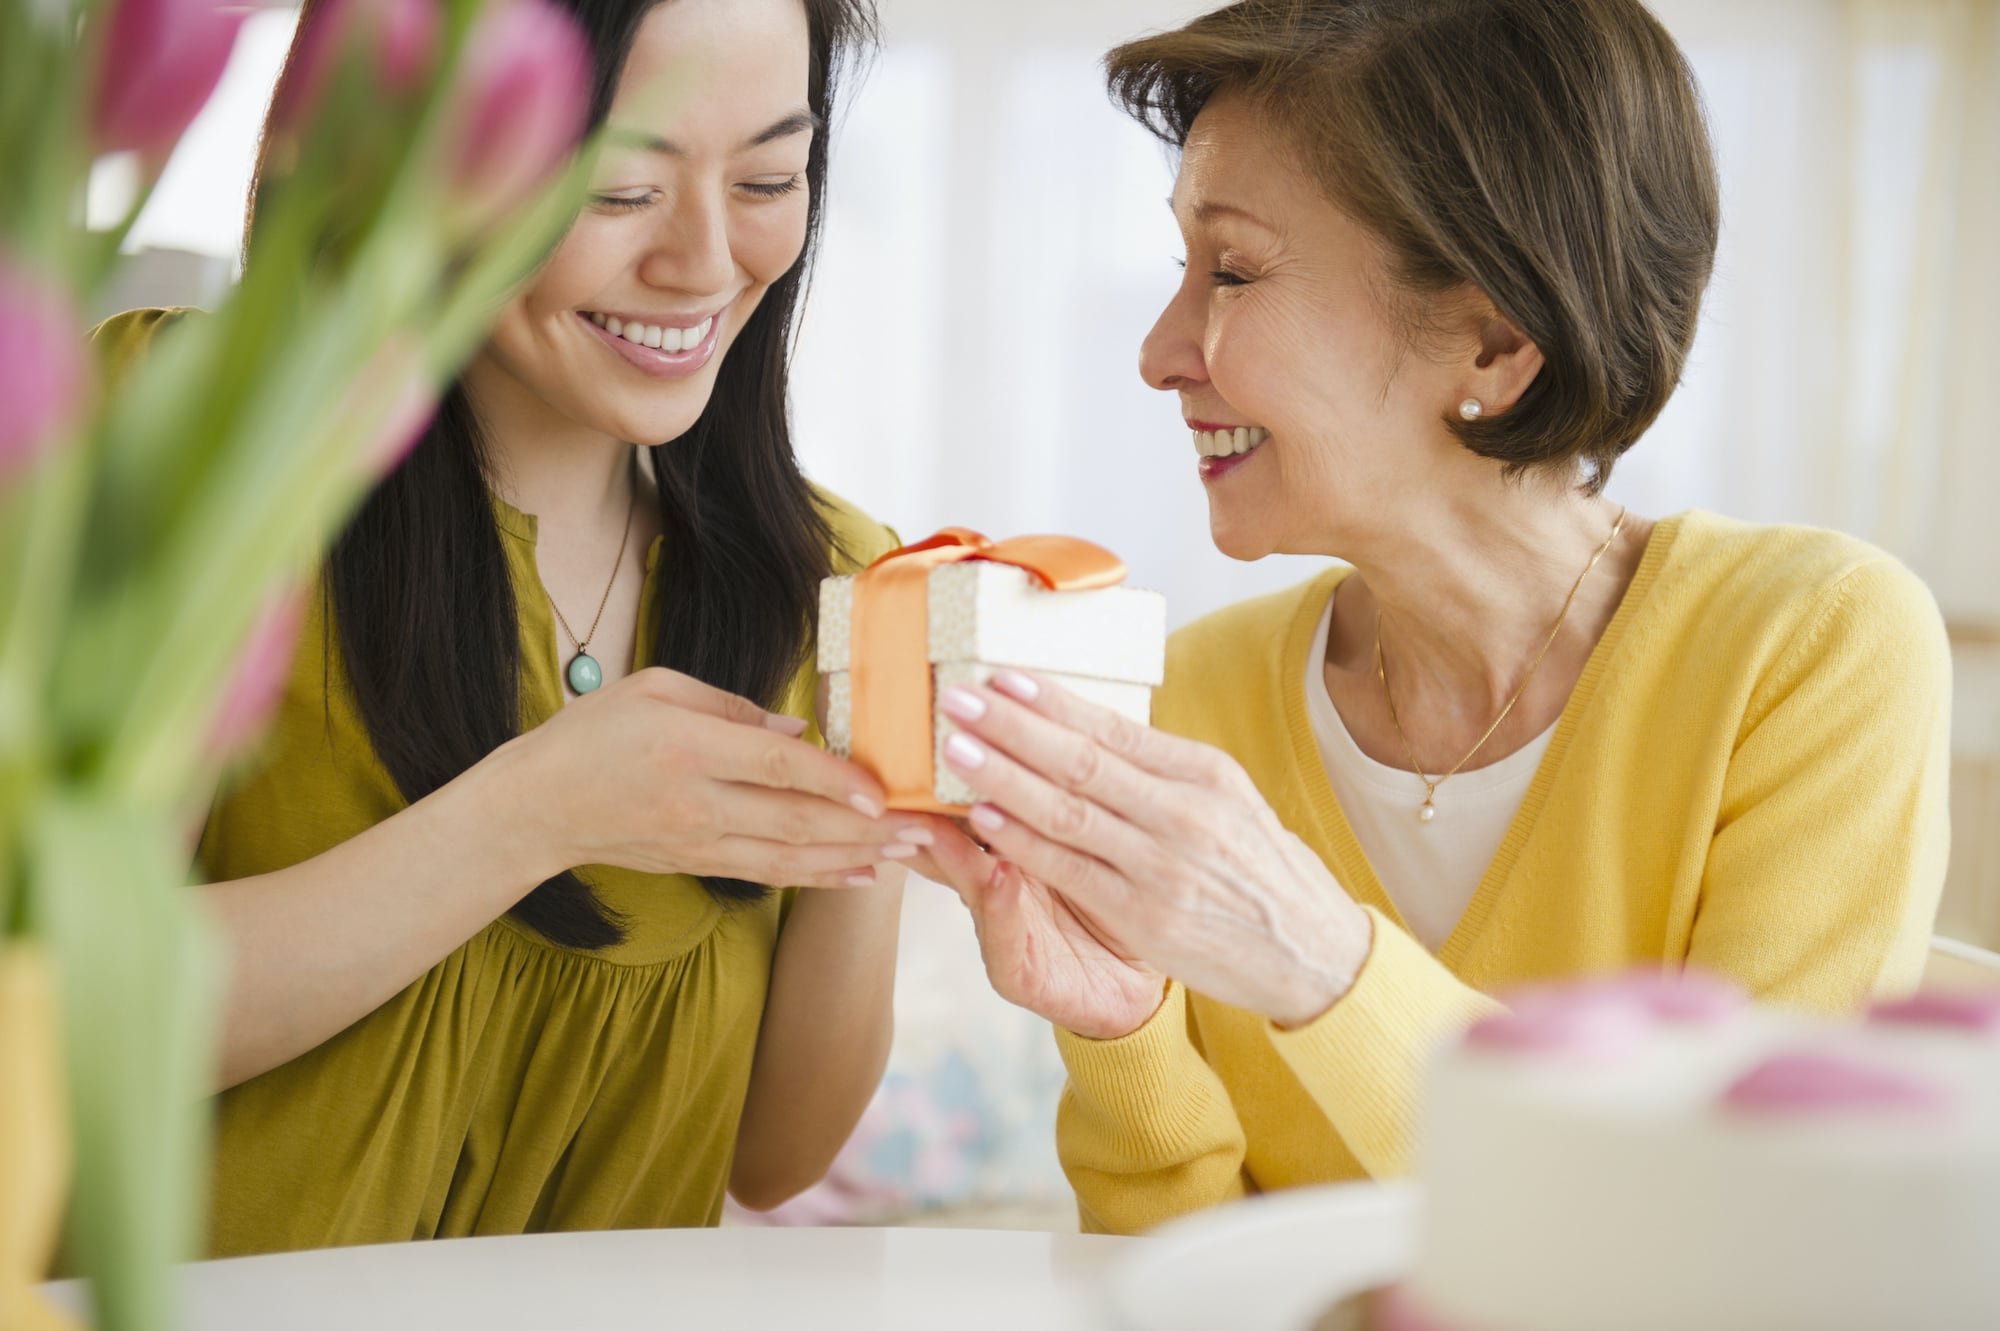 Kinh nghiệm lựa chọn món quà phù hợp cho Ngày của Mẹ, để xuống tiền chắc chắn mẹ nhận được sẽ ưng ngay - Ảnh 2.